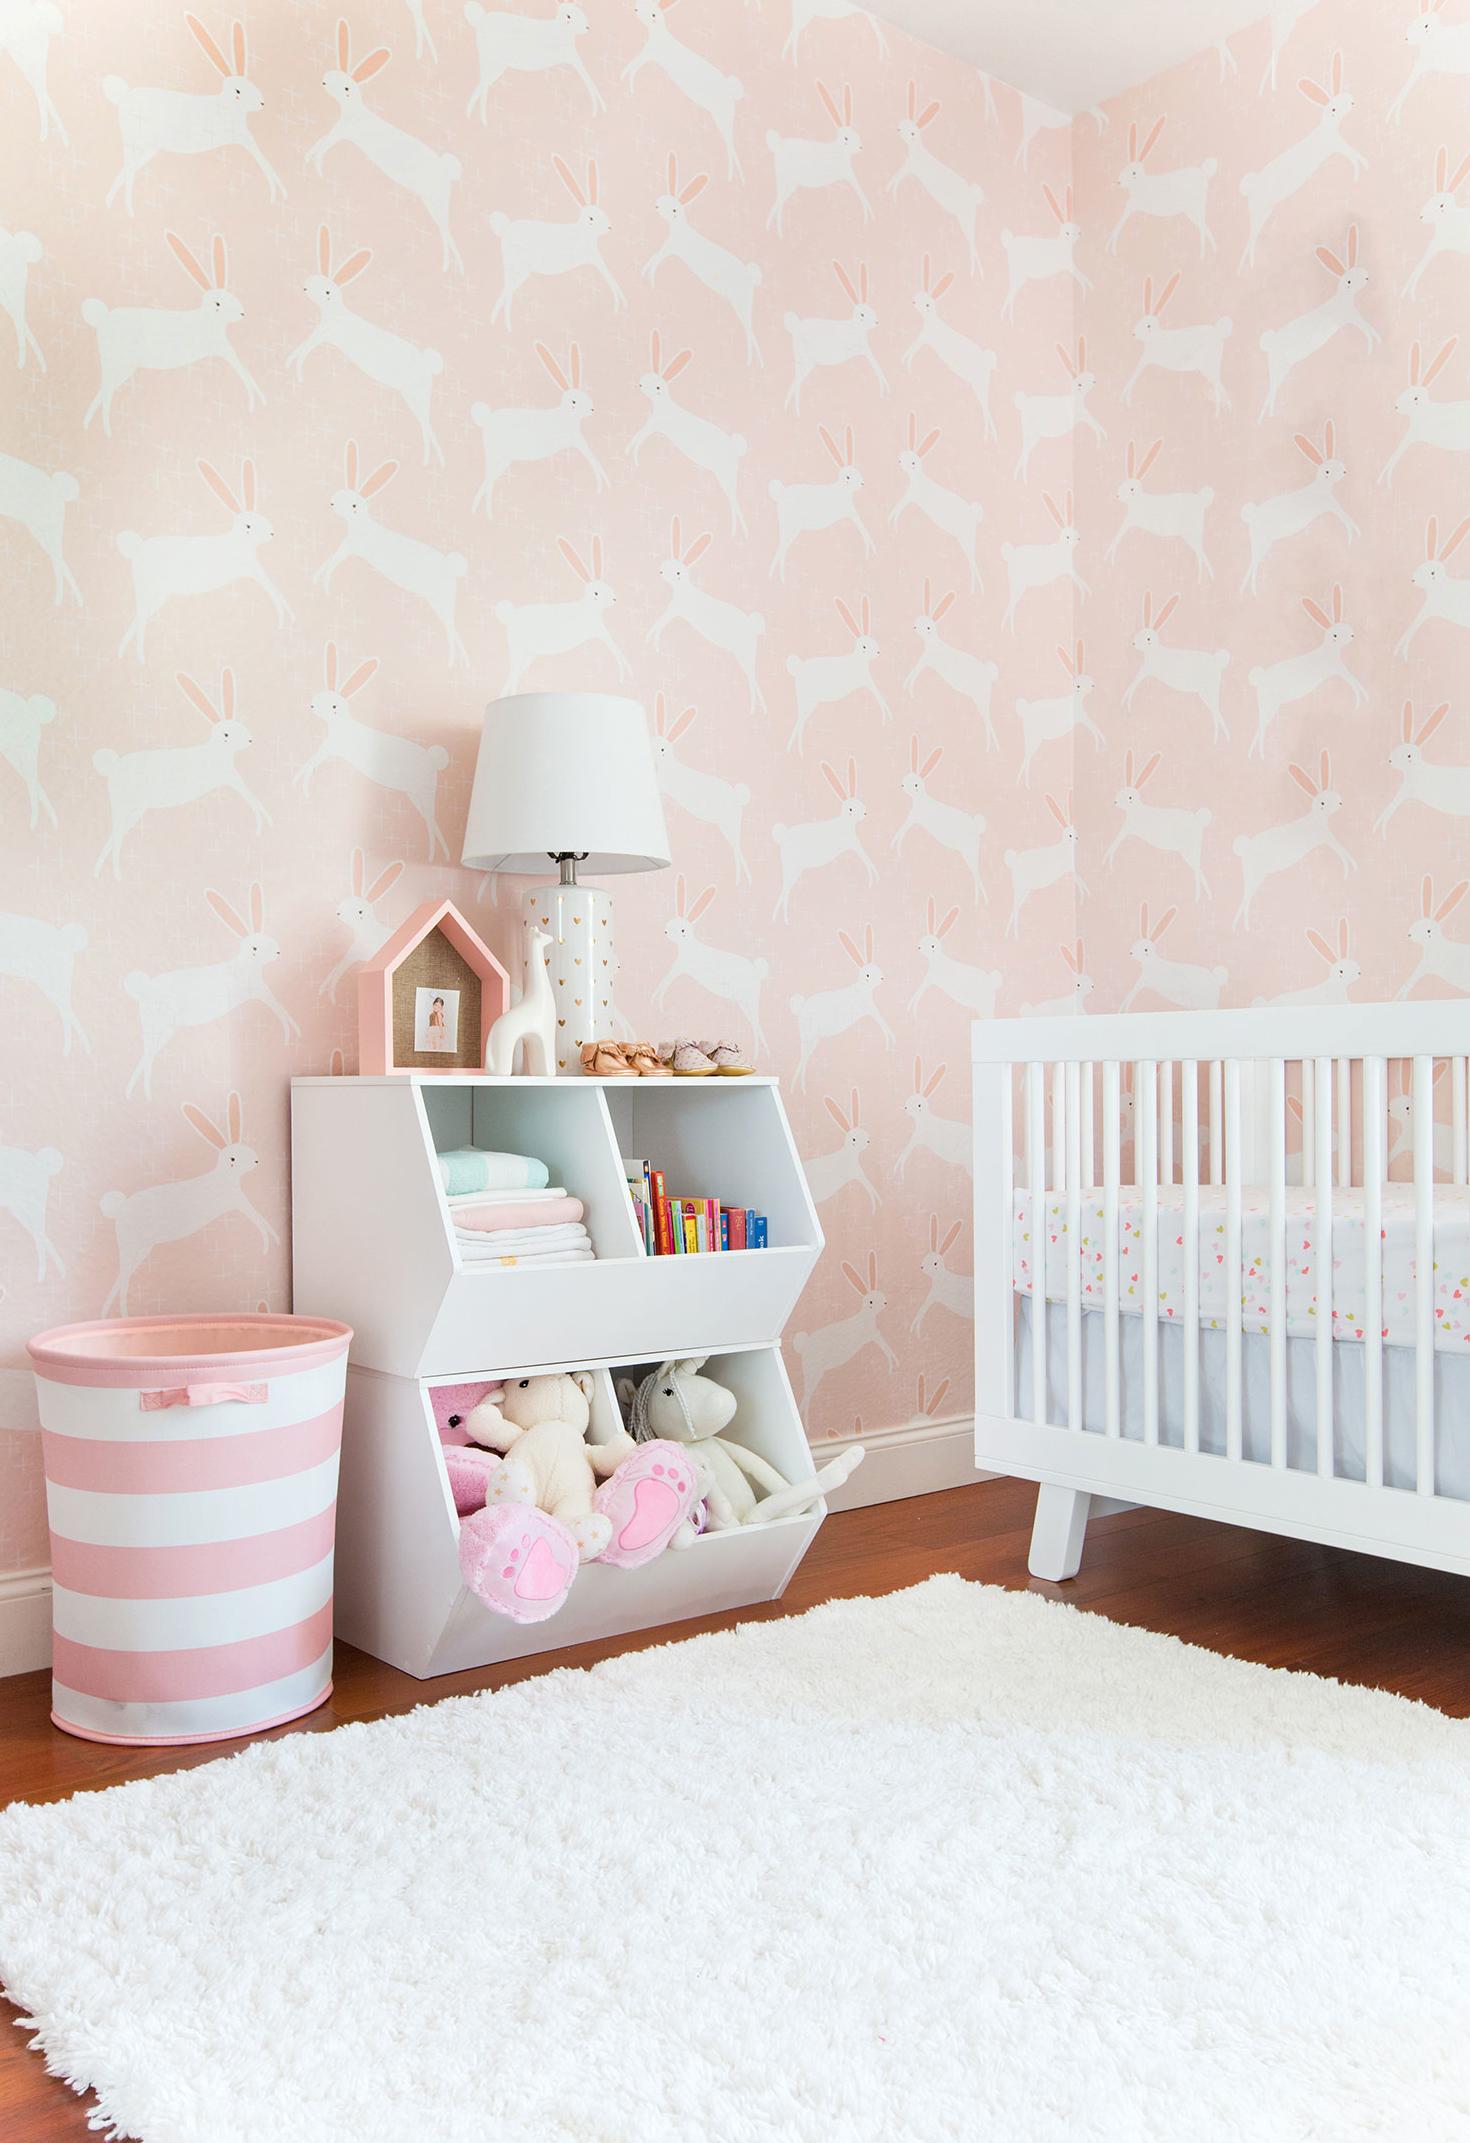 Quarto de bebê com papel de parede rosa: para quem procura uma cobertura de parede em rosa, vale a pena procurar nos catálogos de papéis de parede!